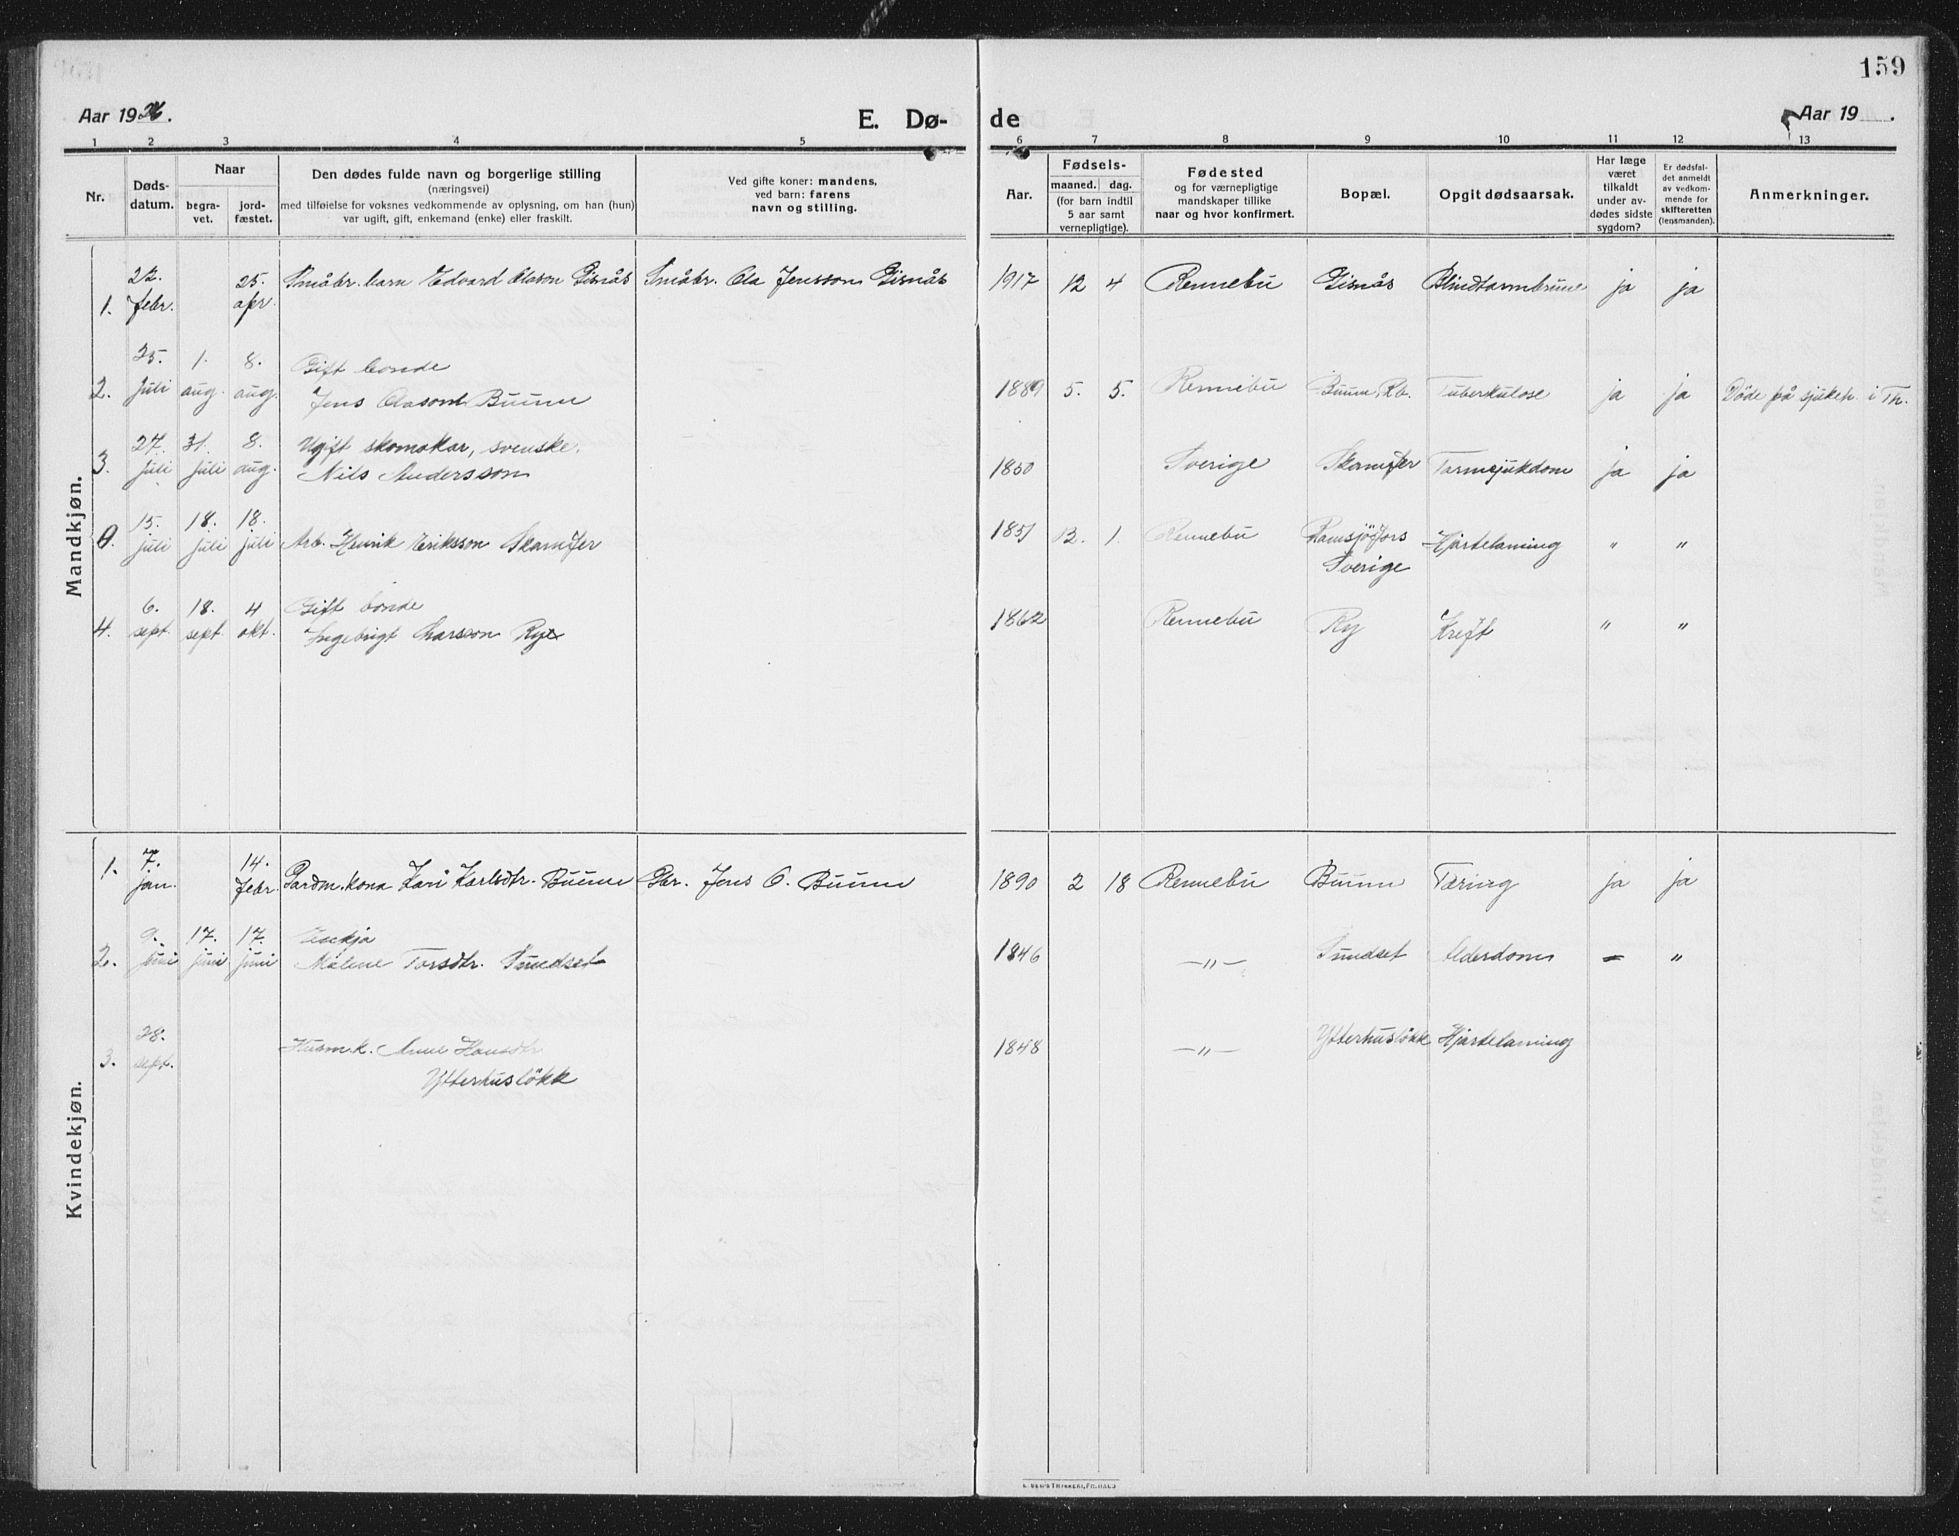 SAT, Ministerialprotokoller, klokkerbøker og fødselsregistre - Sør-Trøndelag, 675/L0888: Klokkerbok nr. 675C01, 1913-1935, s. 159